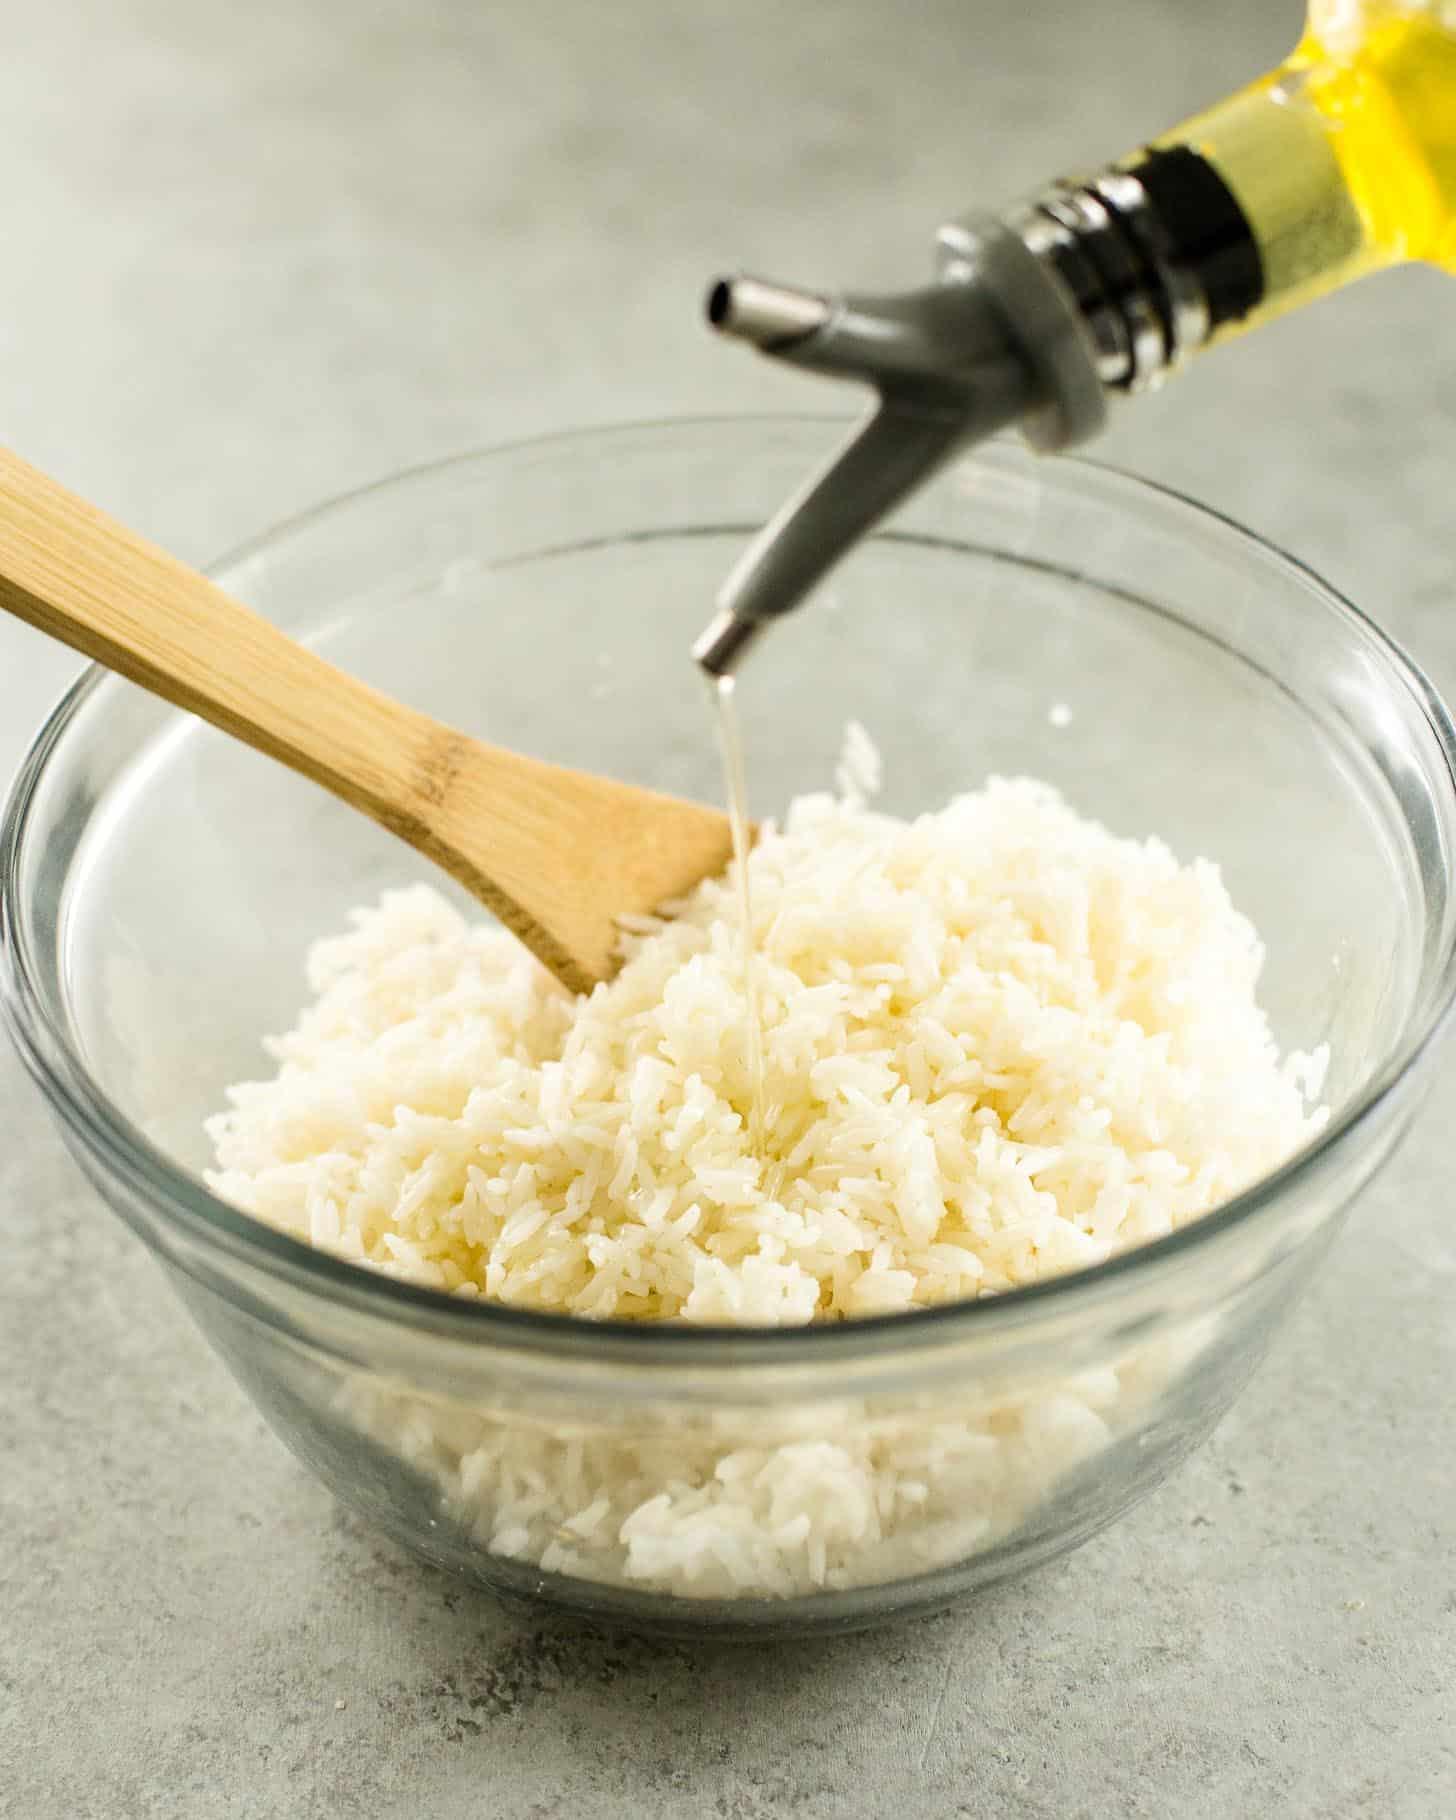 Thai Crispy Rice prep in a clear bowl